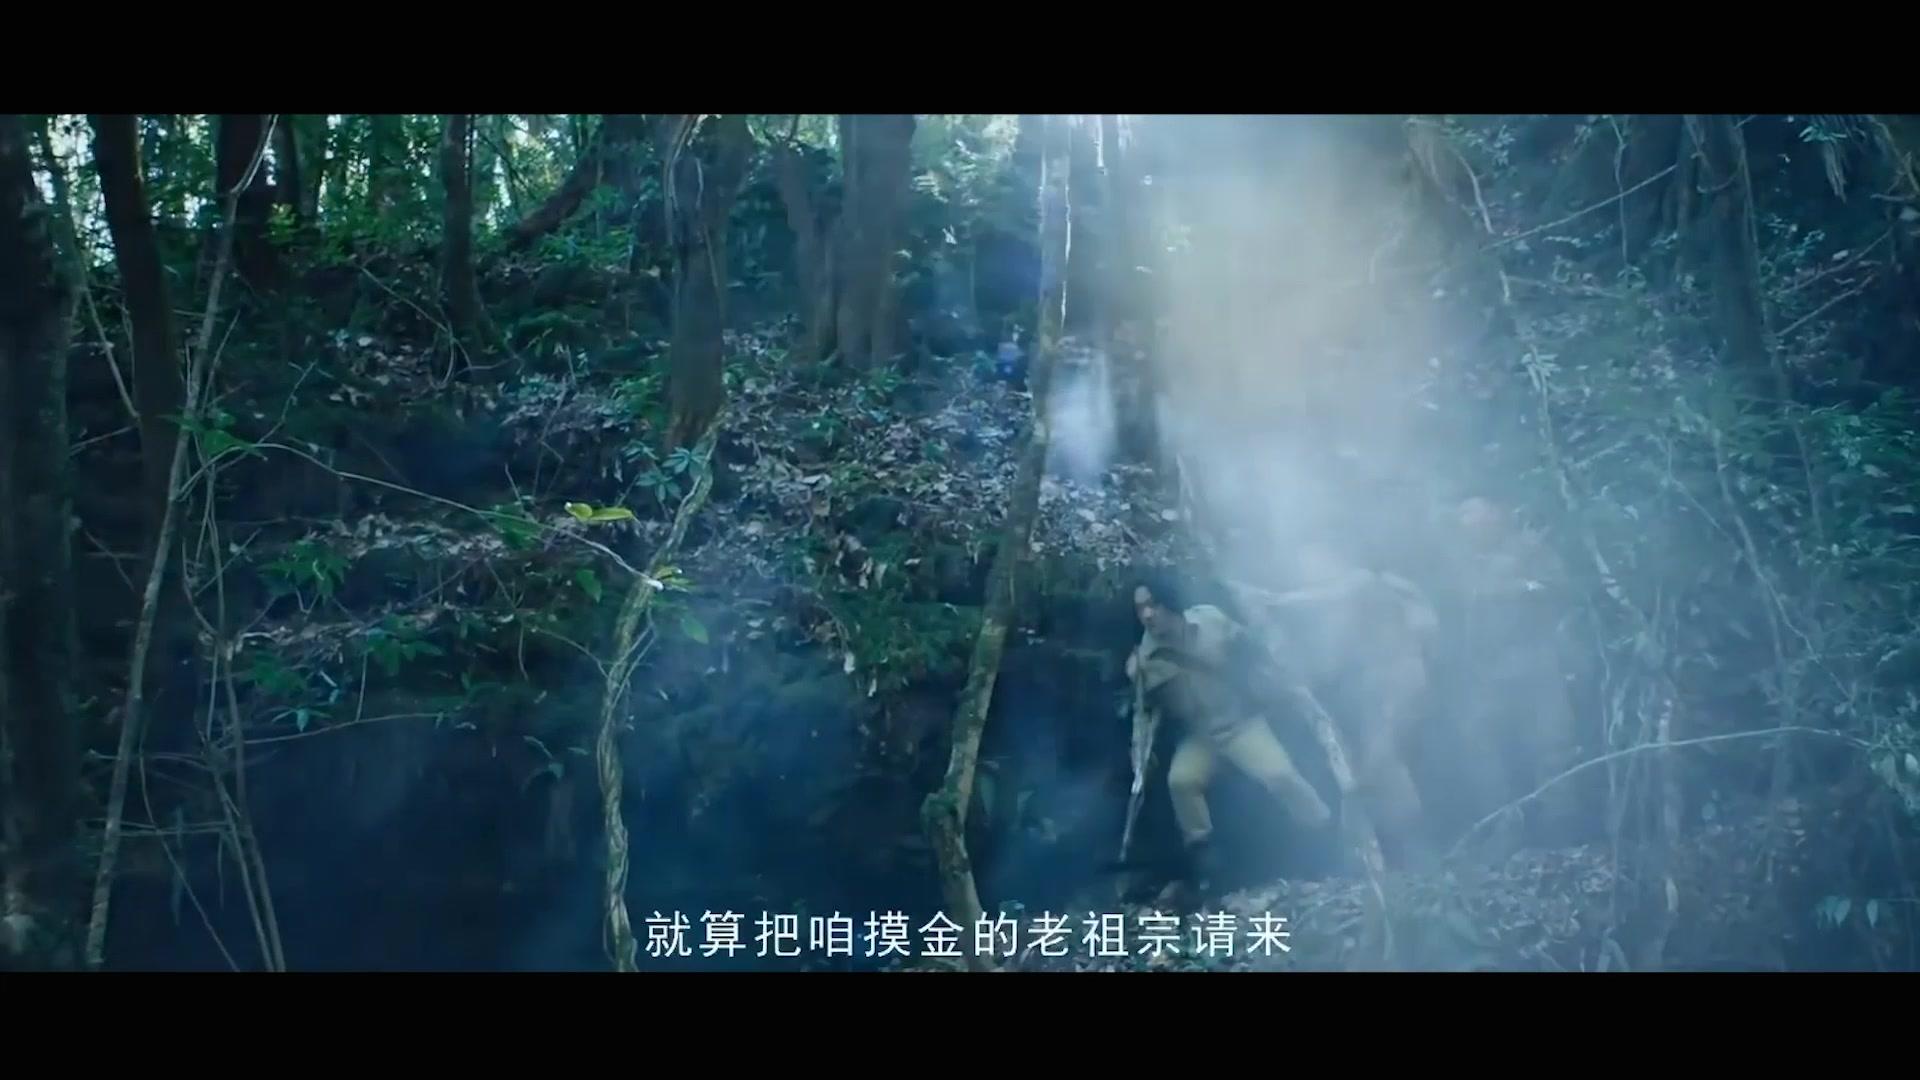 """#追剧不能停#《龙岭迷窟》收官特辑:原著剧透铁三角""""云南虫谷""""篇"""